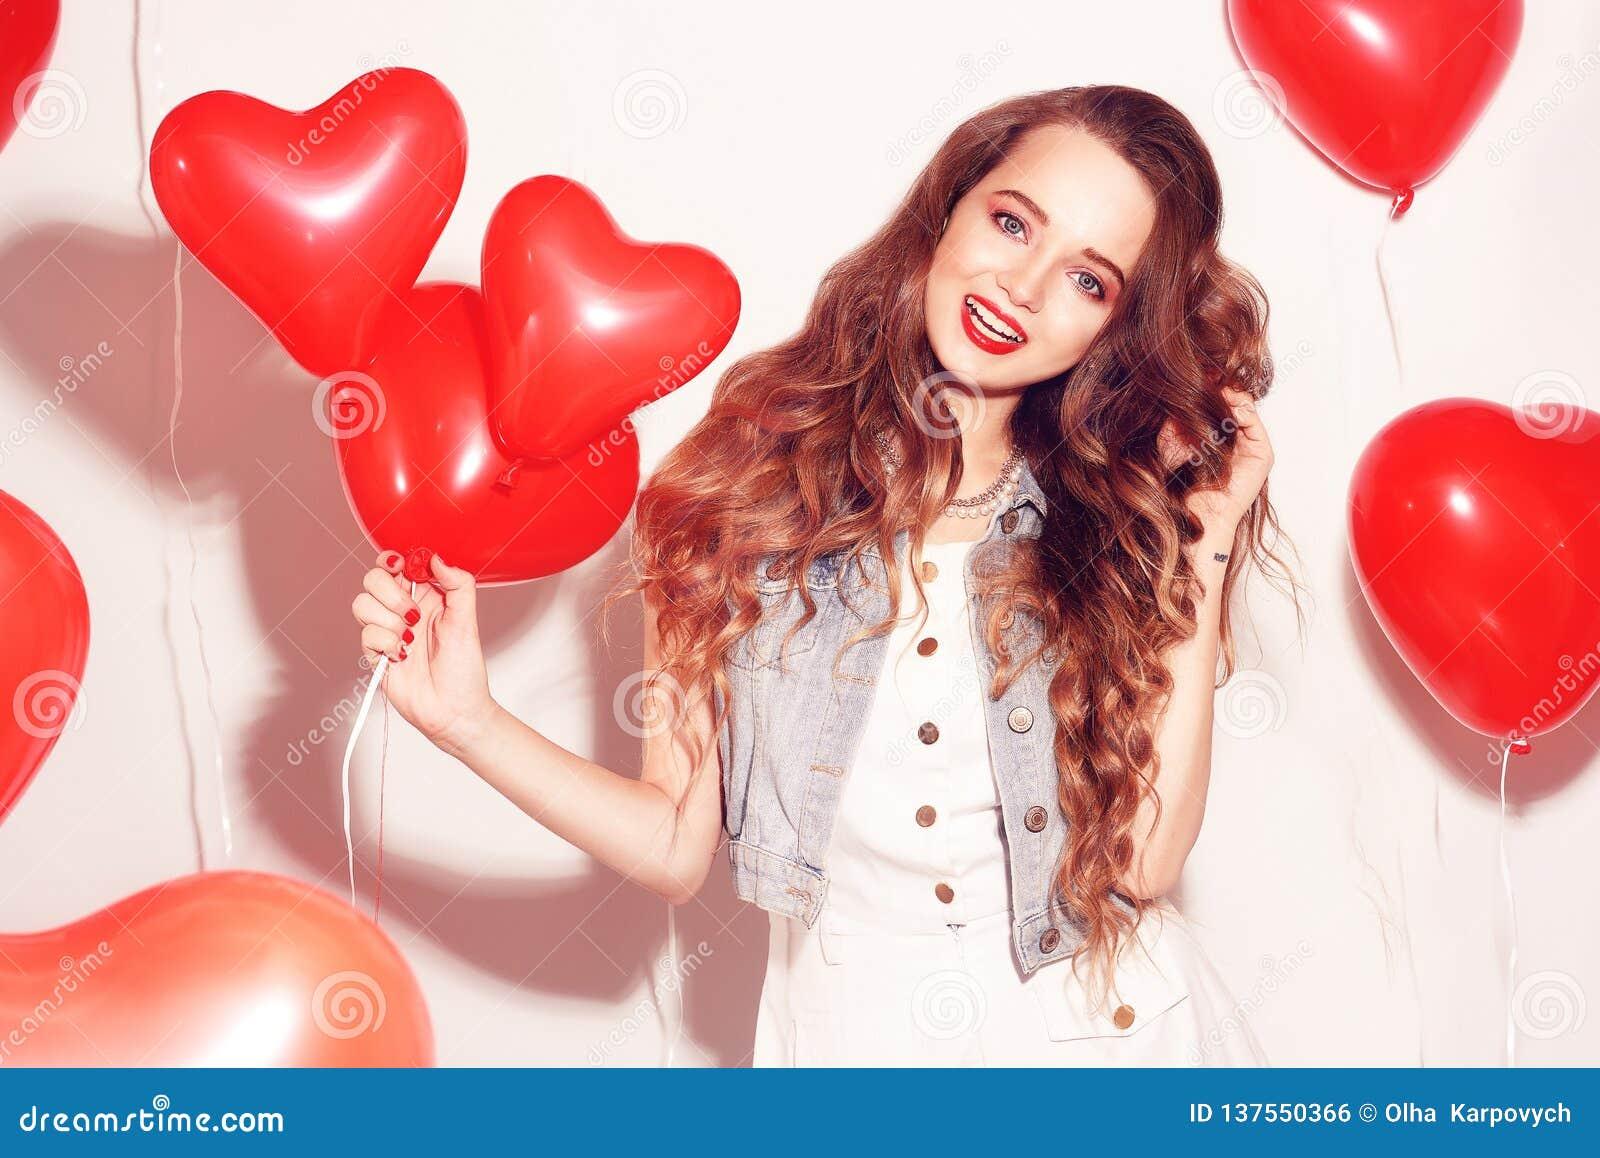 Valentine Beauty-Mädchen mit roten Luftballonen lachend, auf weißem Hintergrund Schöne glückliche junge Frau Der Tag der Frau Url